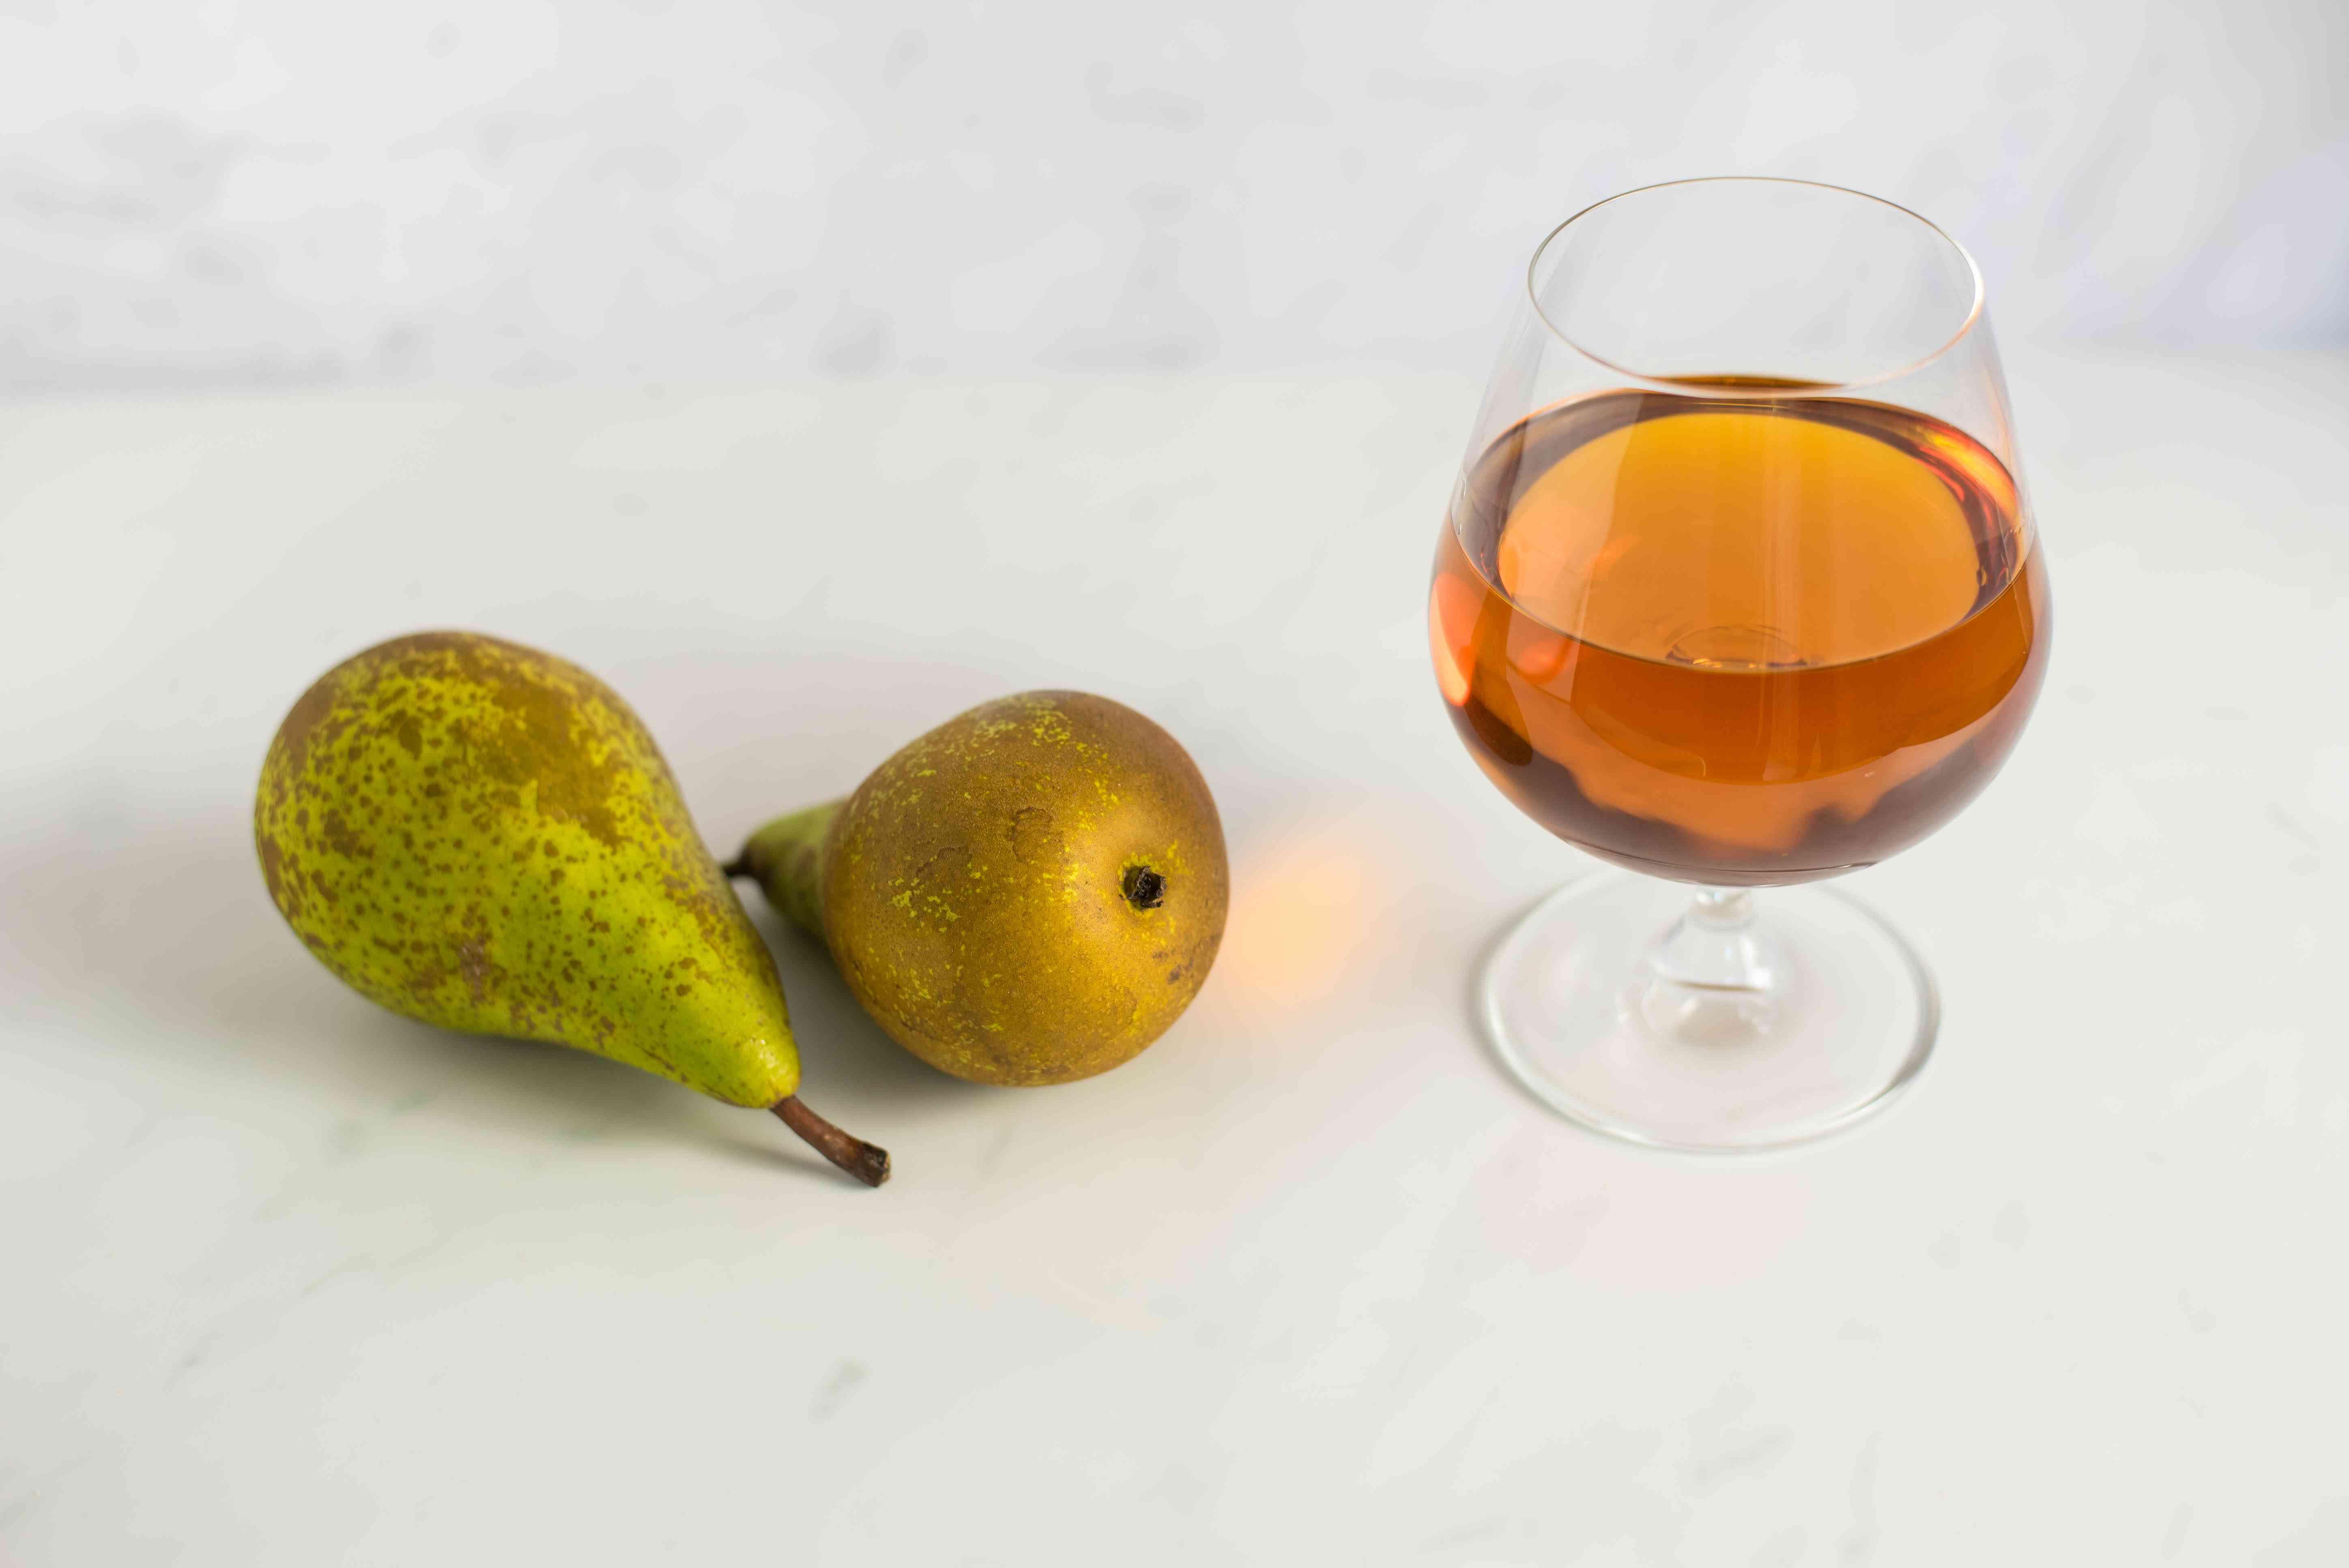 Ingredients for drunken pears